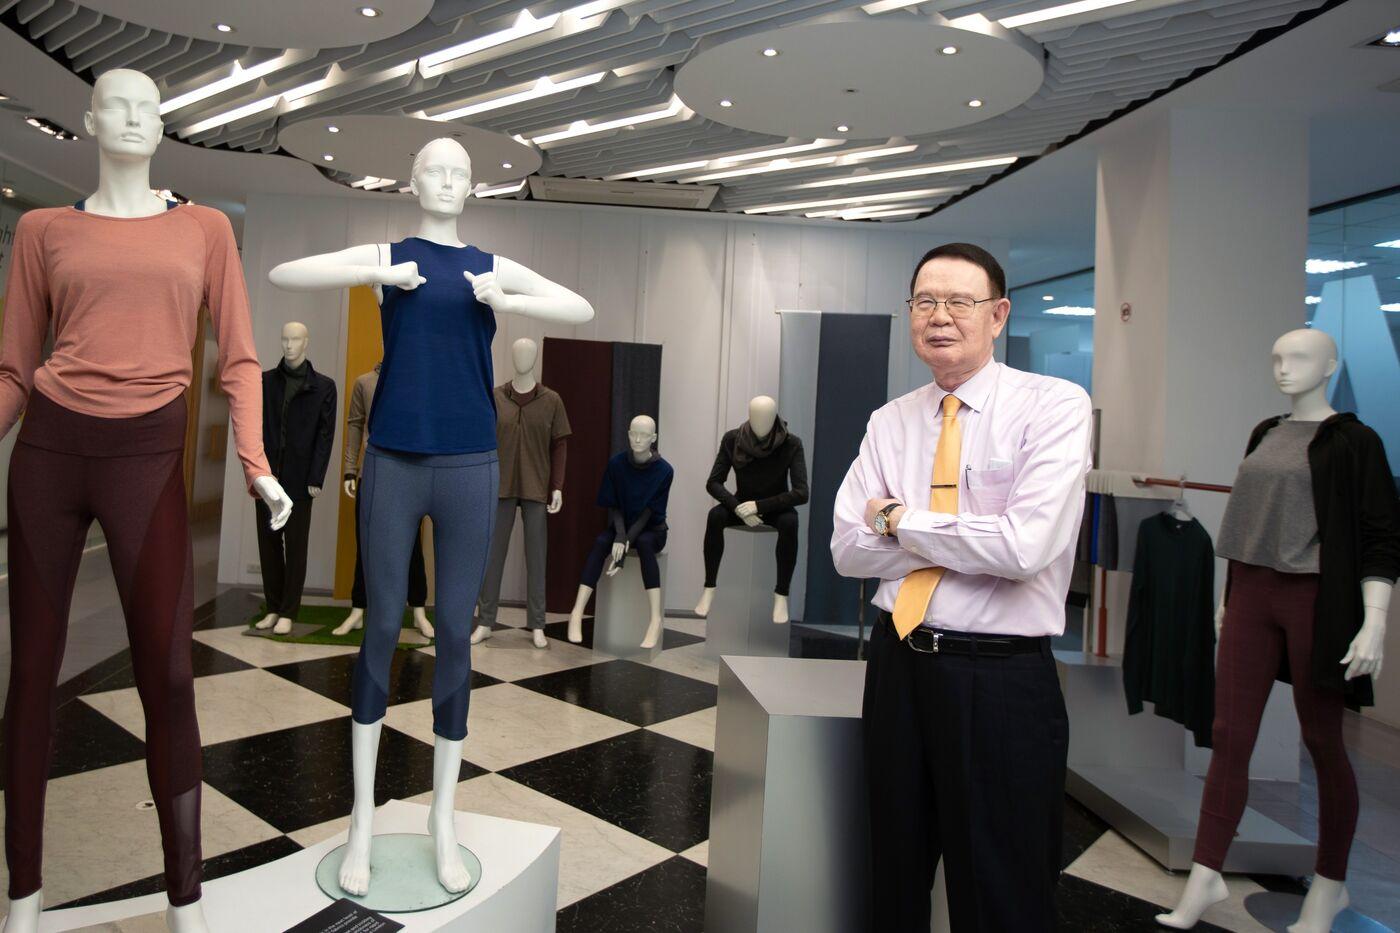 Hung Cheng-hai